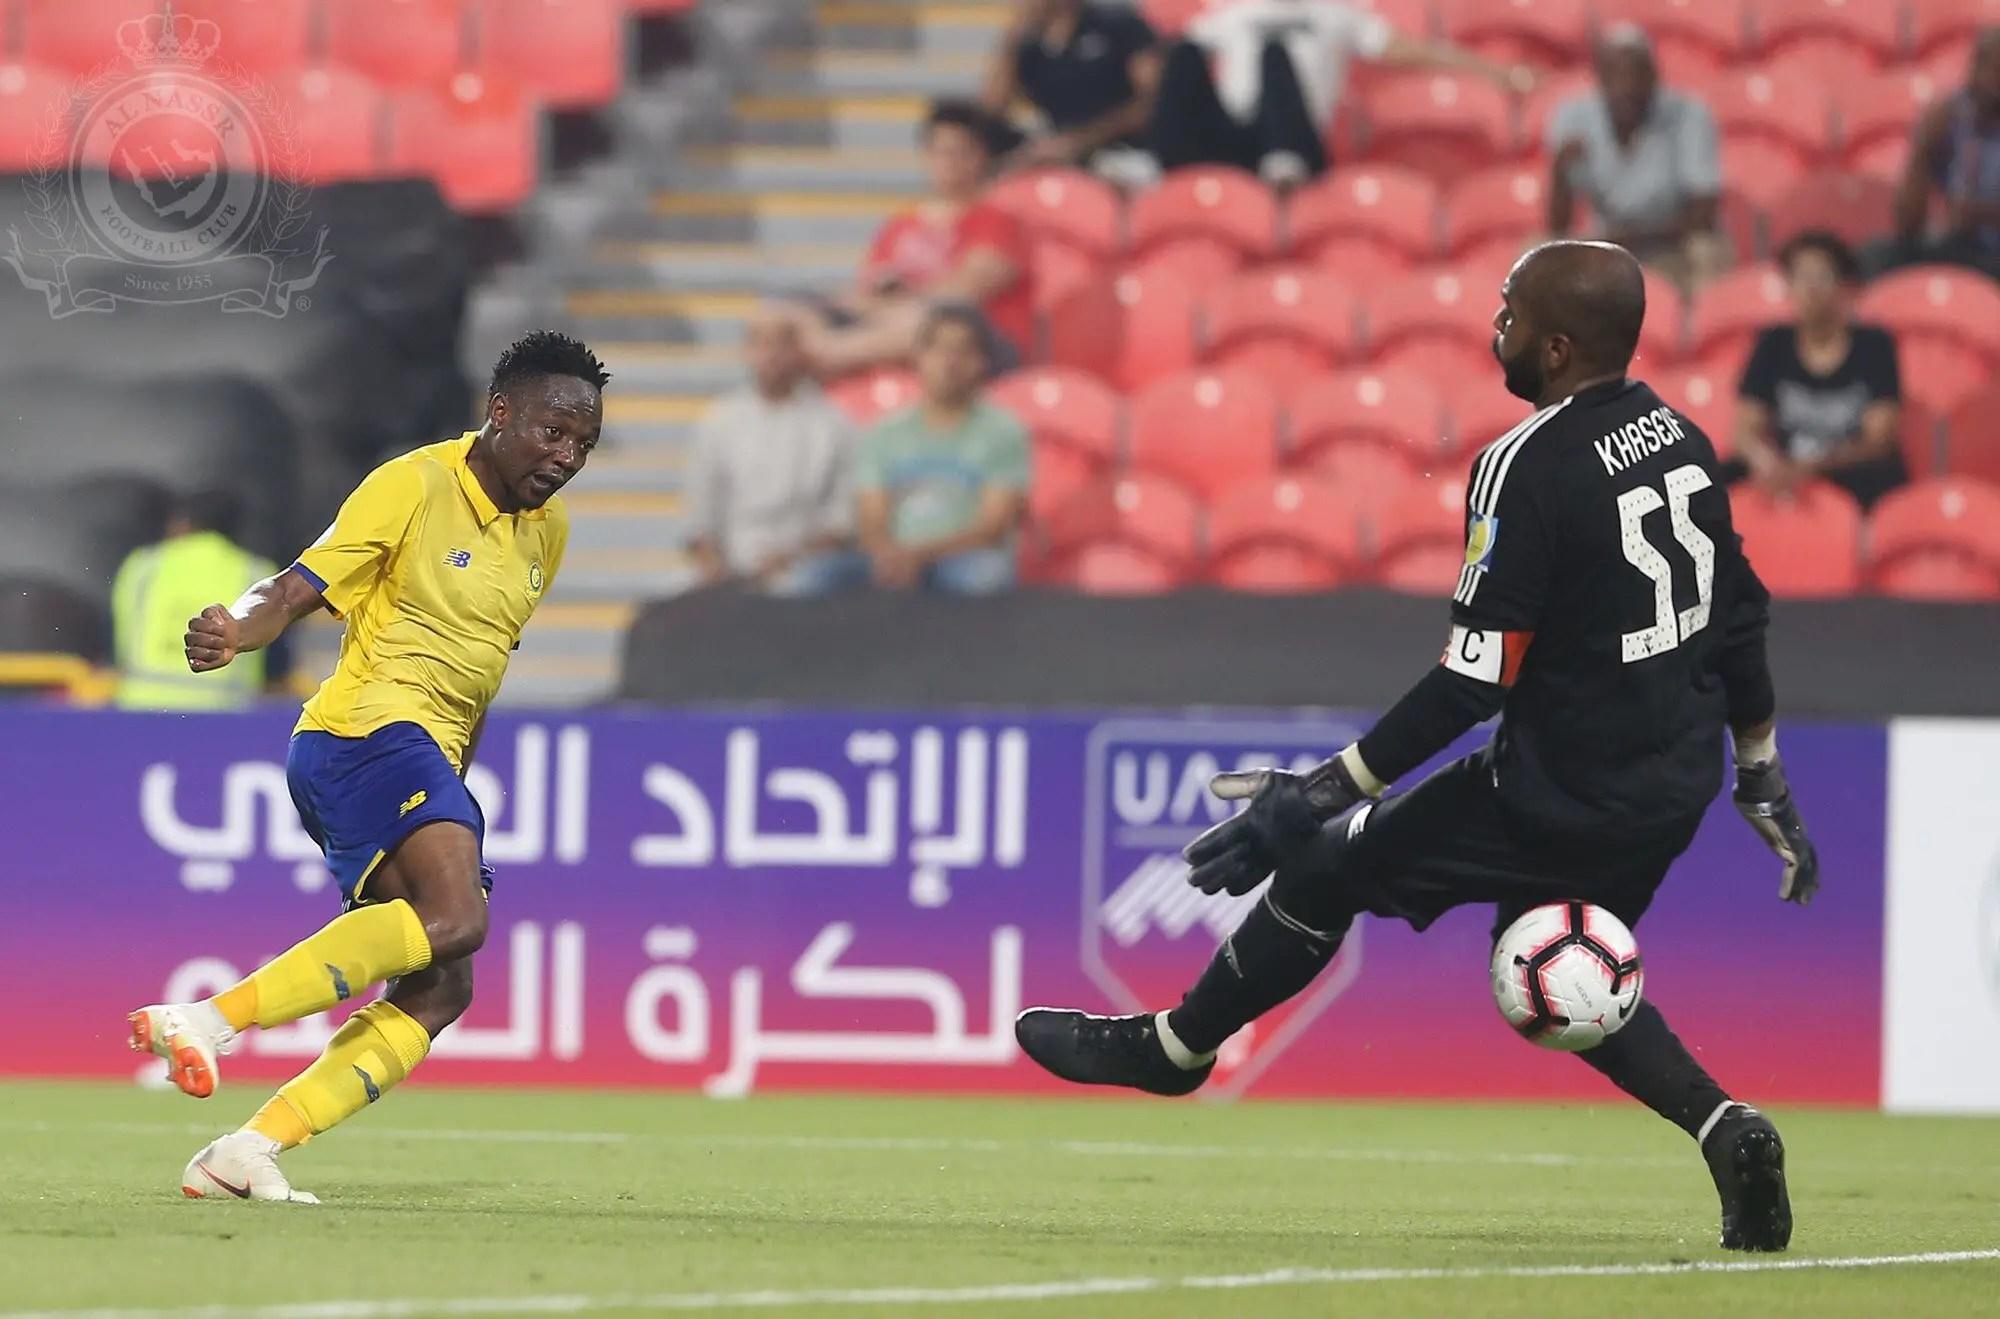 Musa Targets More Goals For Al Nassr After Scoring Debut Vs Al Jazira